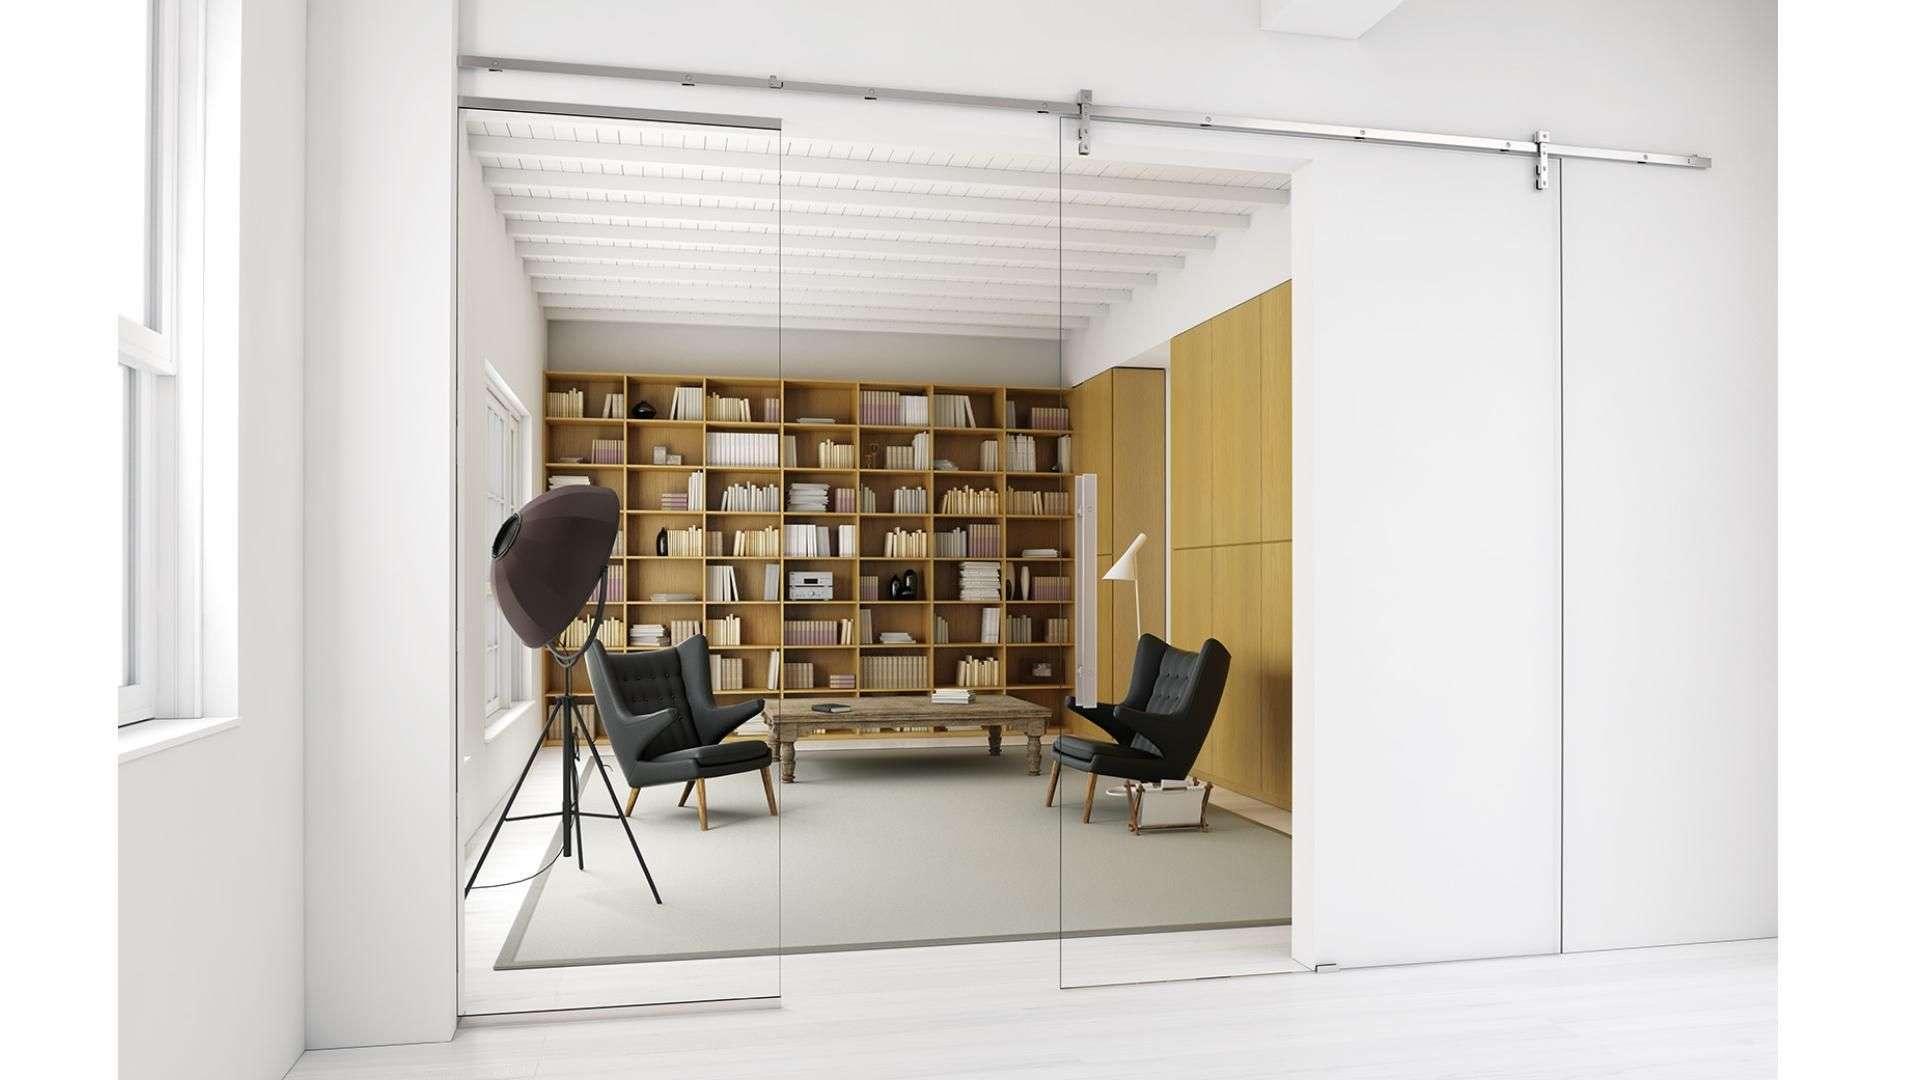 Schiebetür als Glas vor einem Raum mit Bücherregal